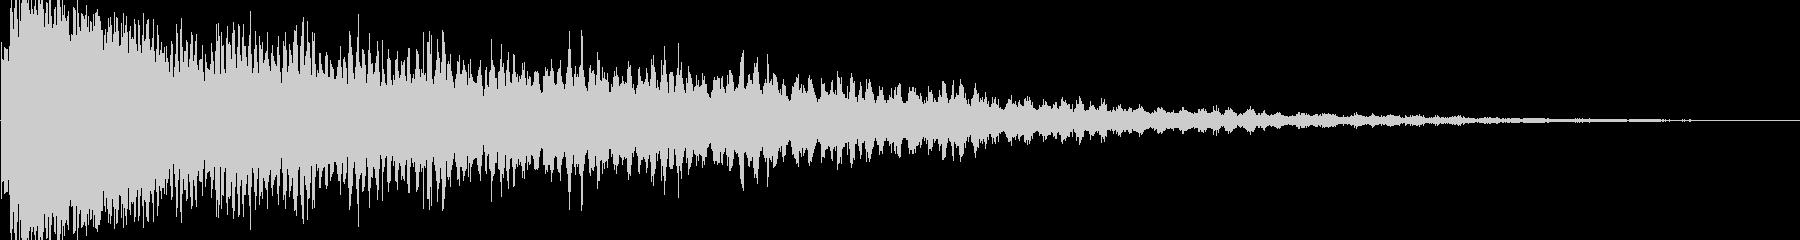 ディストーションスイープバージョン1の未再生の波形